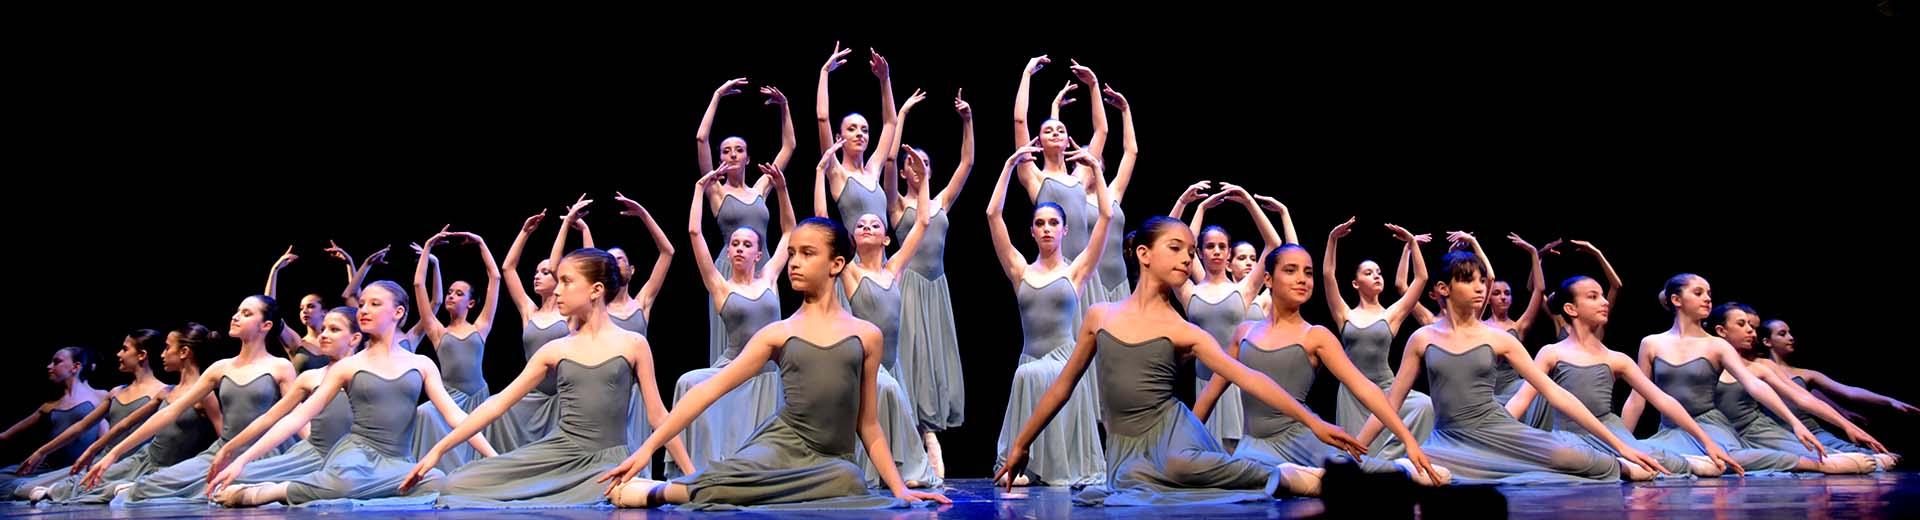 BDR Scuola di Danza Parioli bg Premio Gino Tani